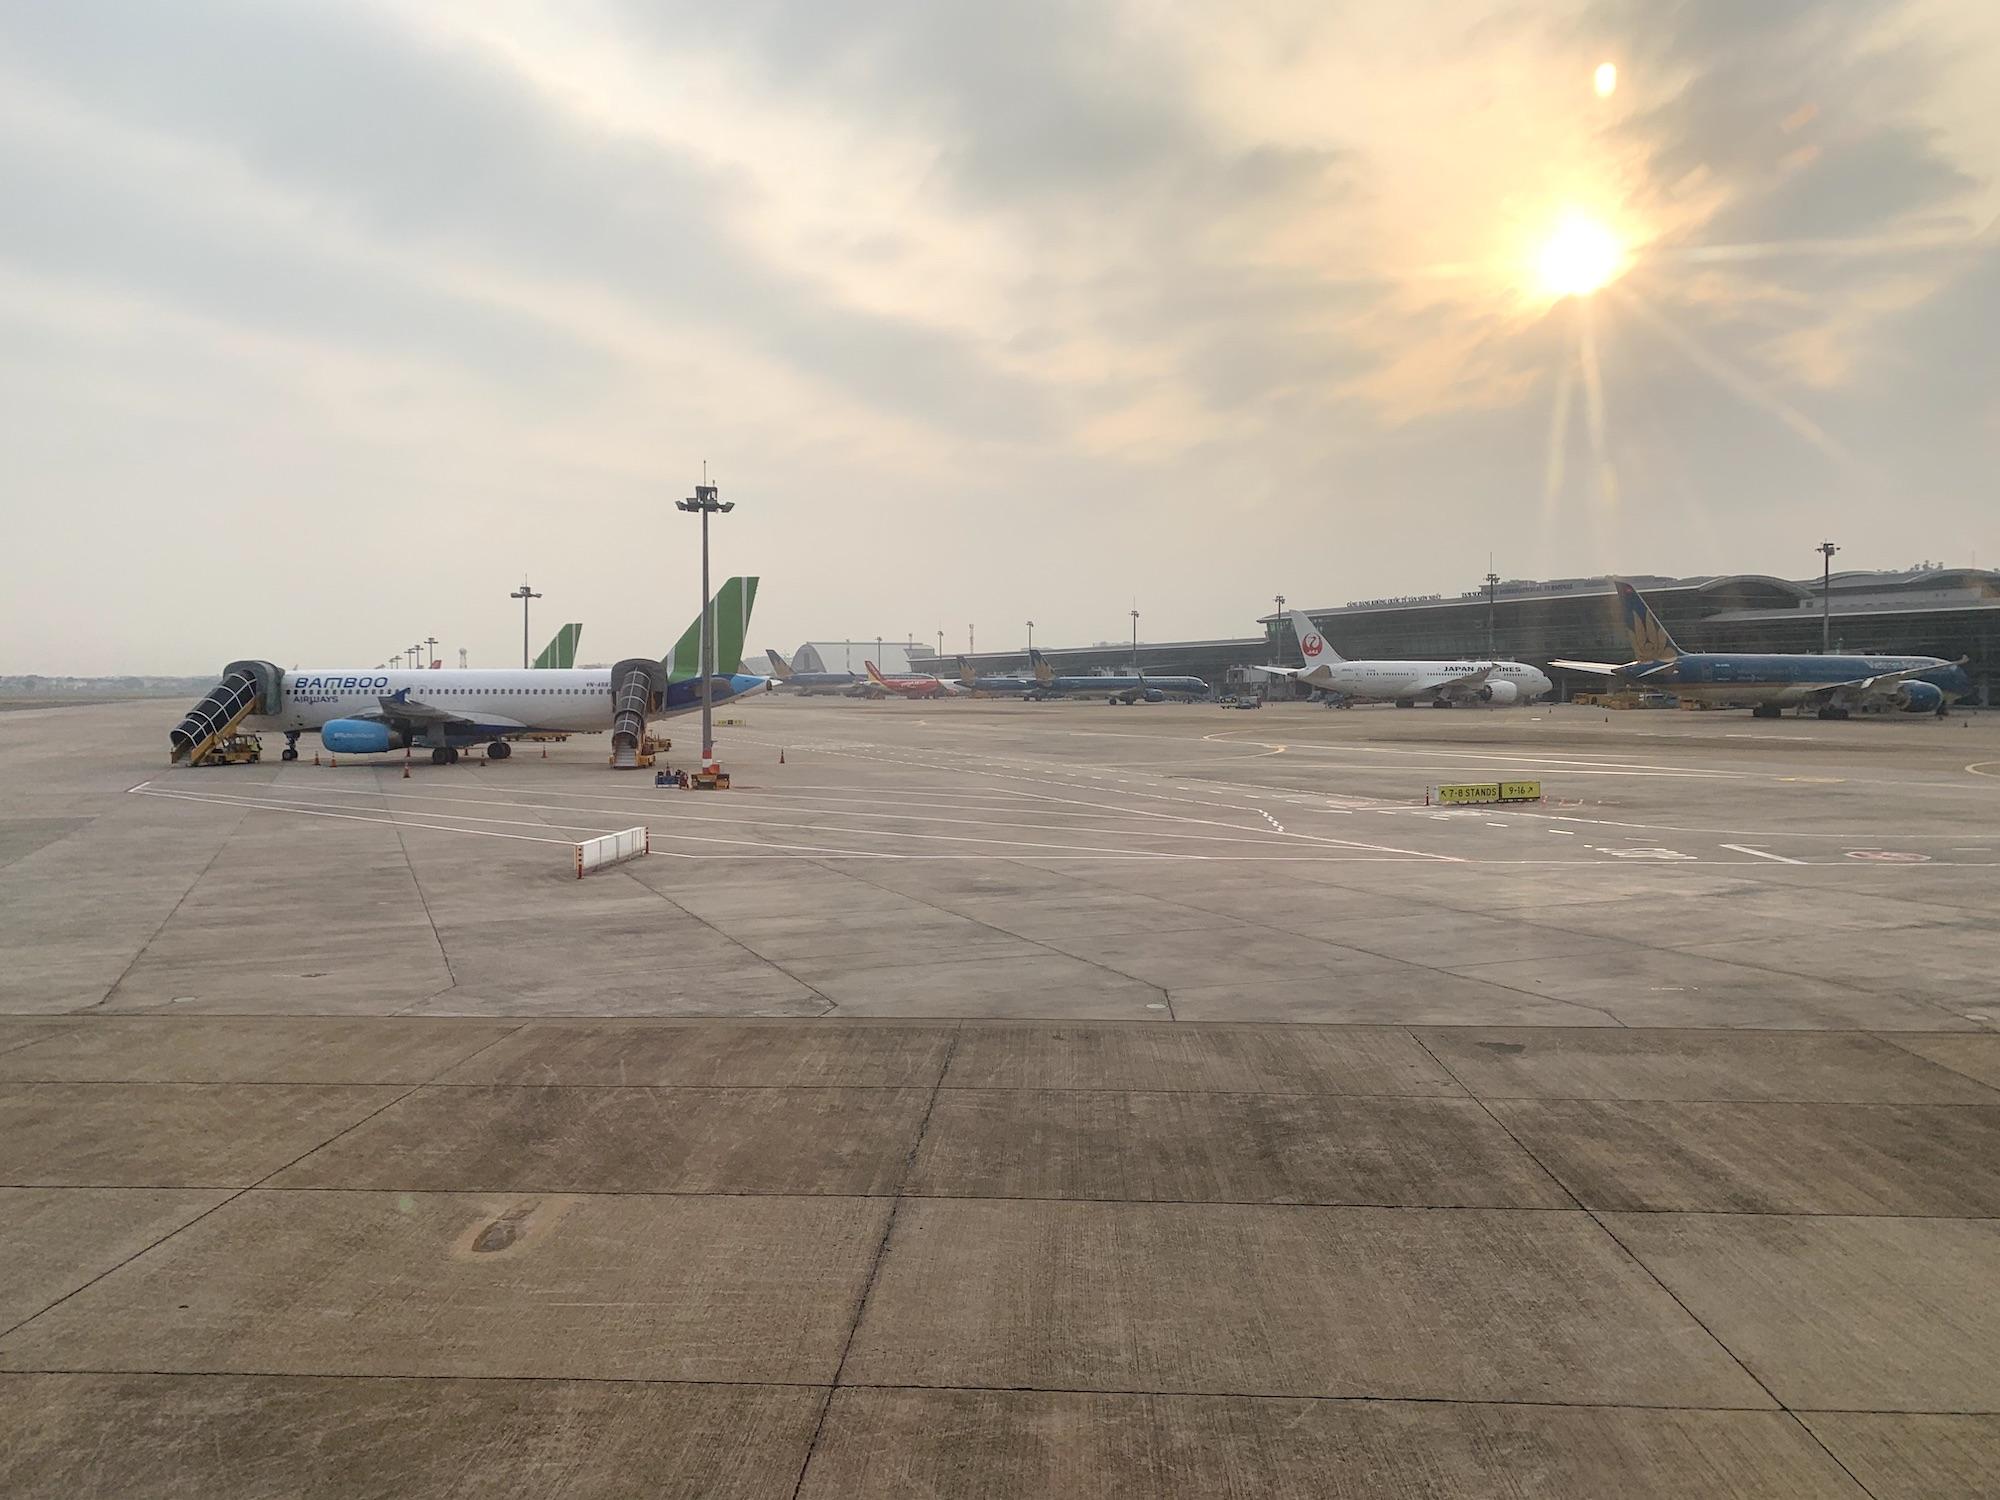 ベトトラベル航空が就航!ホーチミン〜ダナン線初便に搭乗